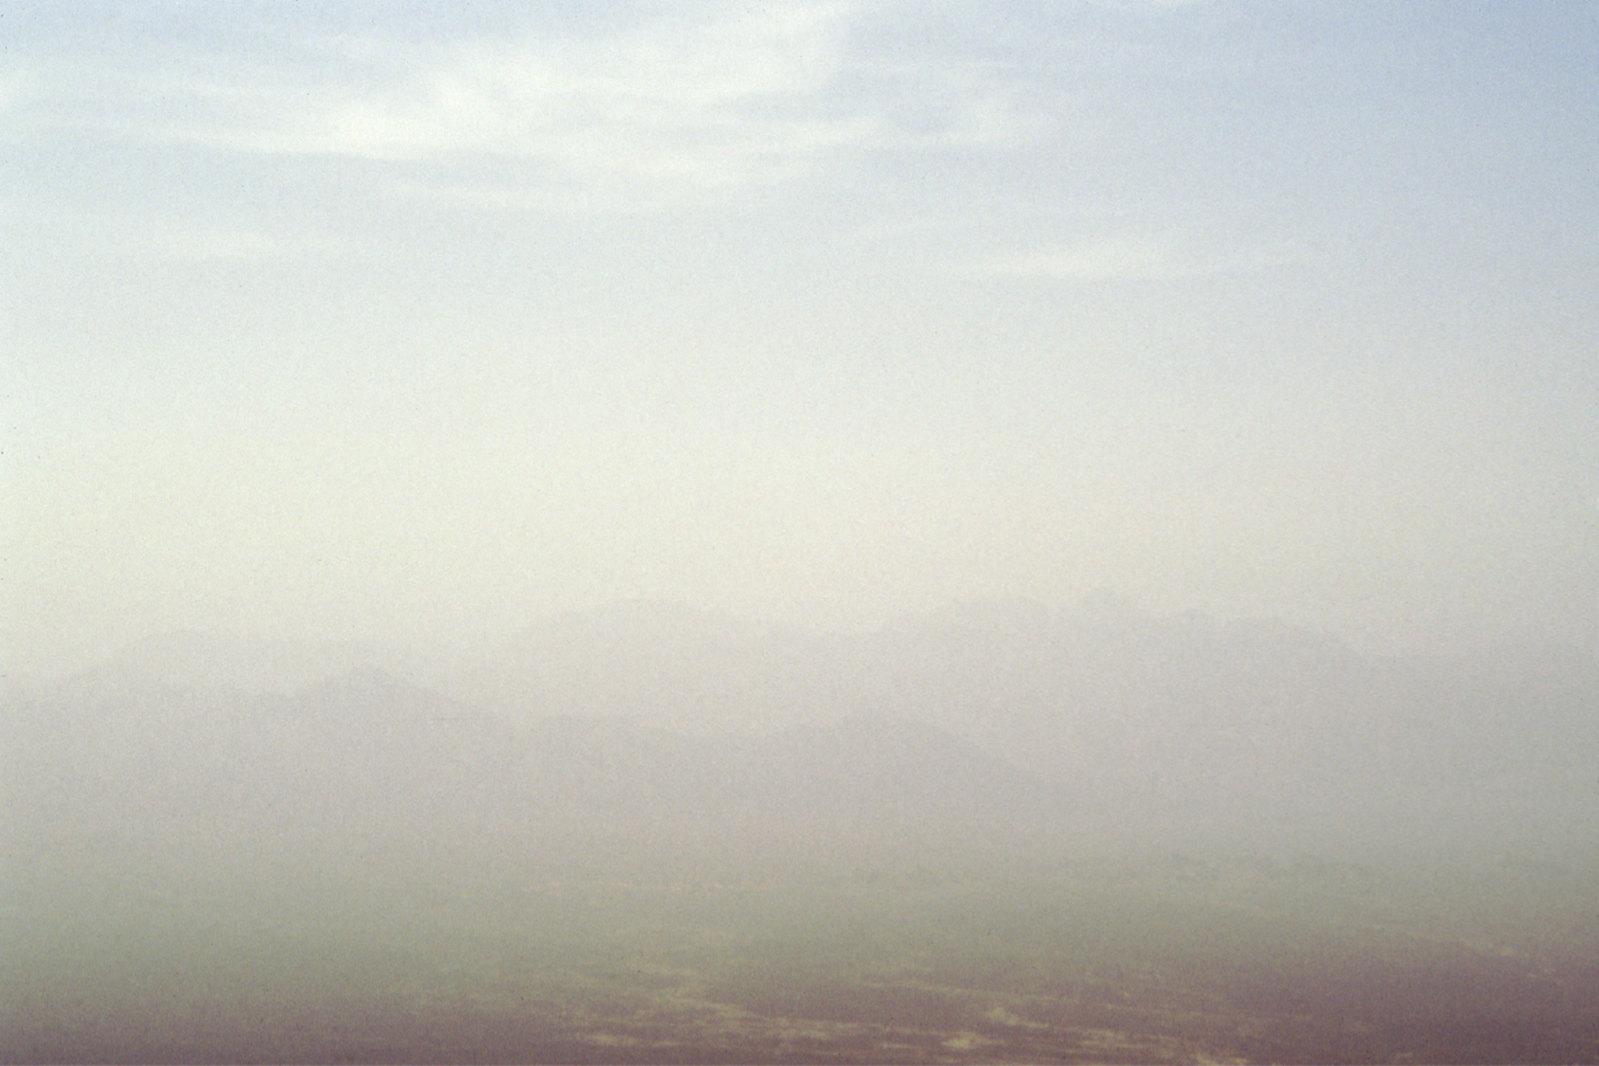 Turpan - Province du Xinjiang - 150 mètres au dessous du niveau de la mer